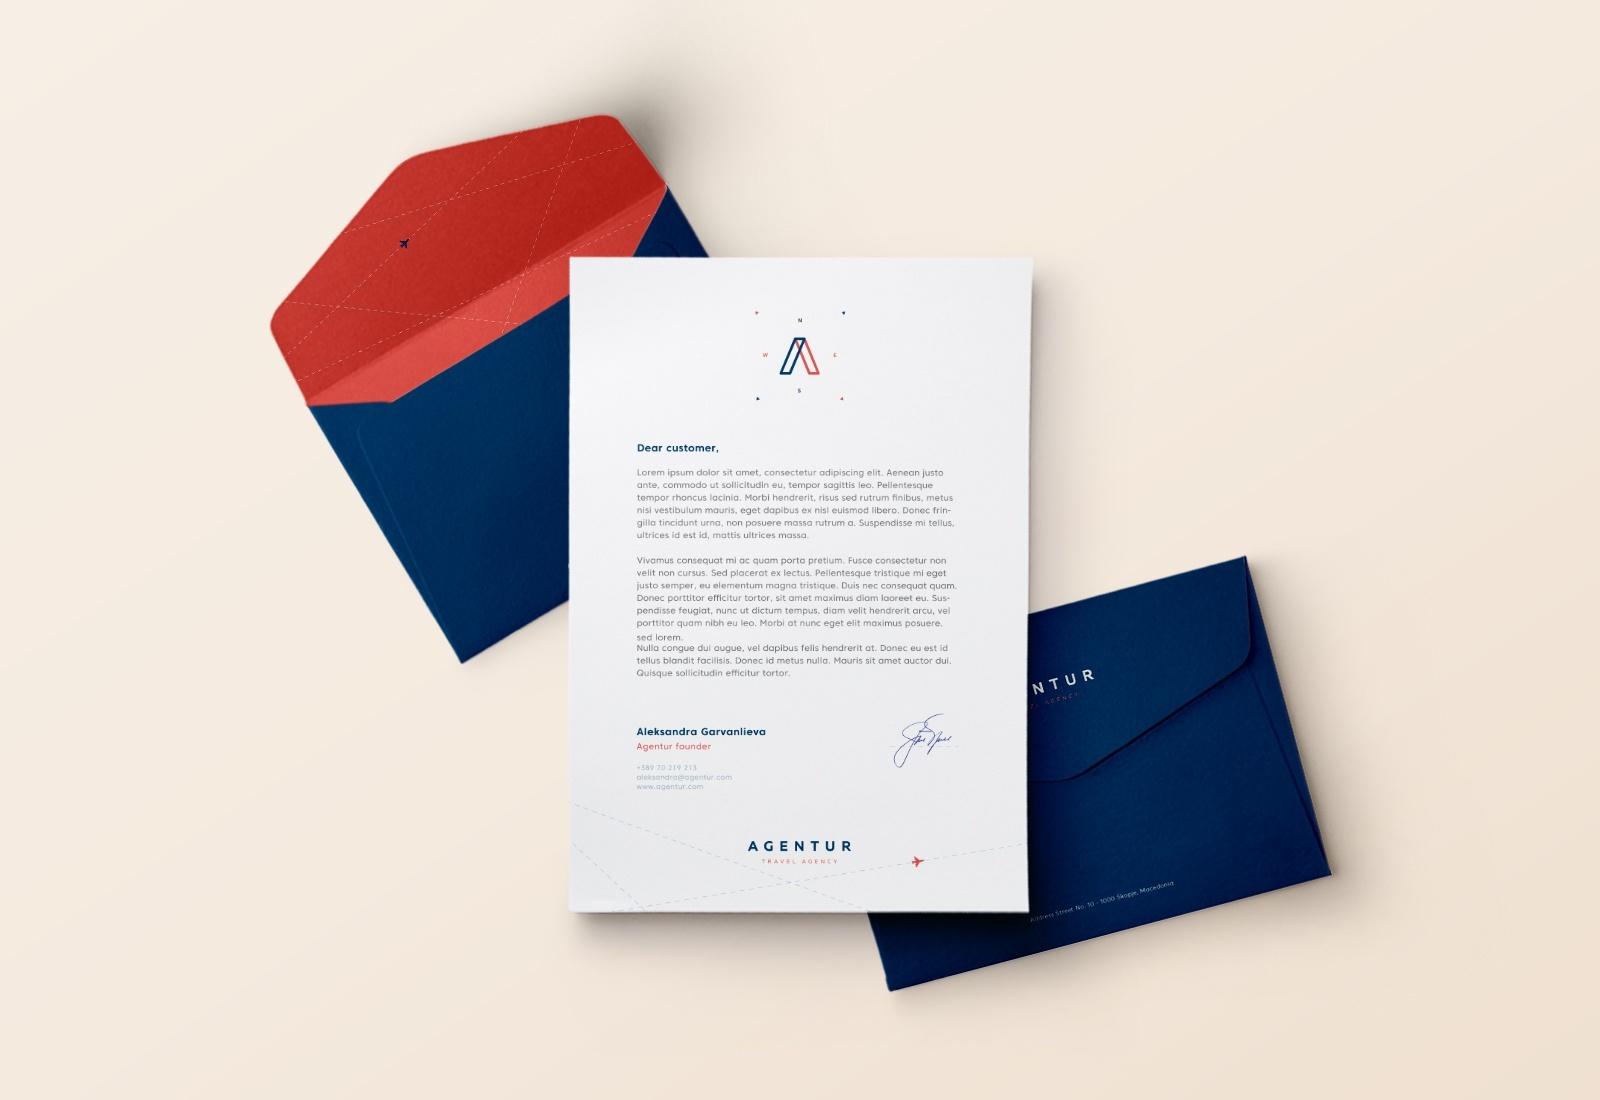 Agentur_Envelope